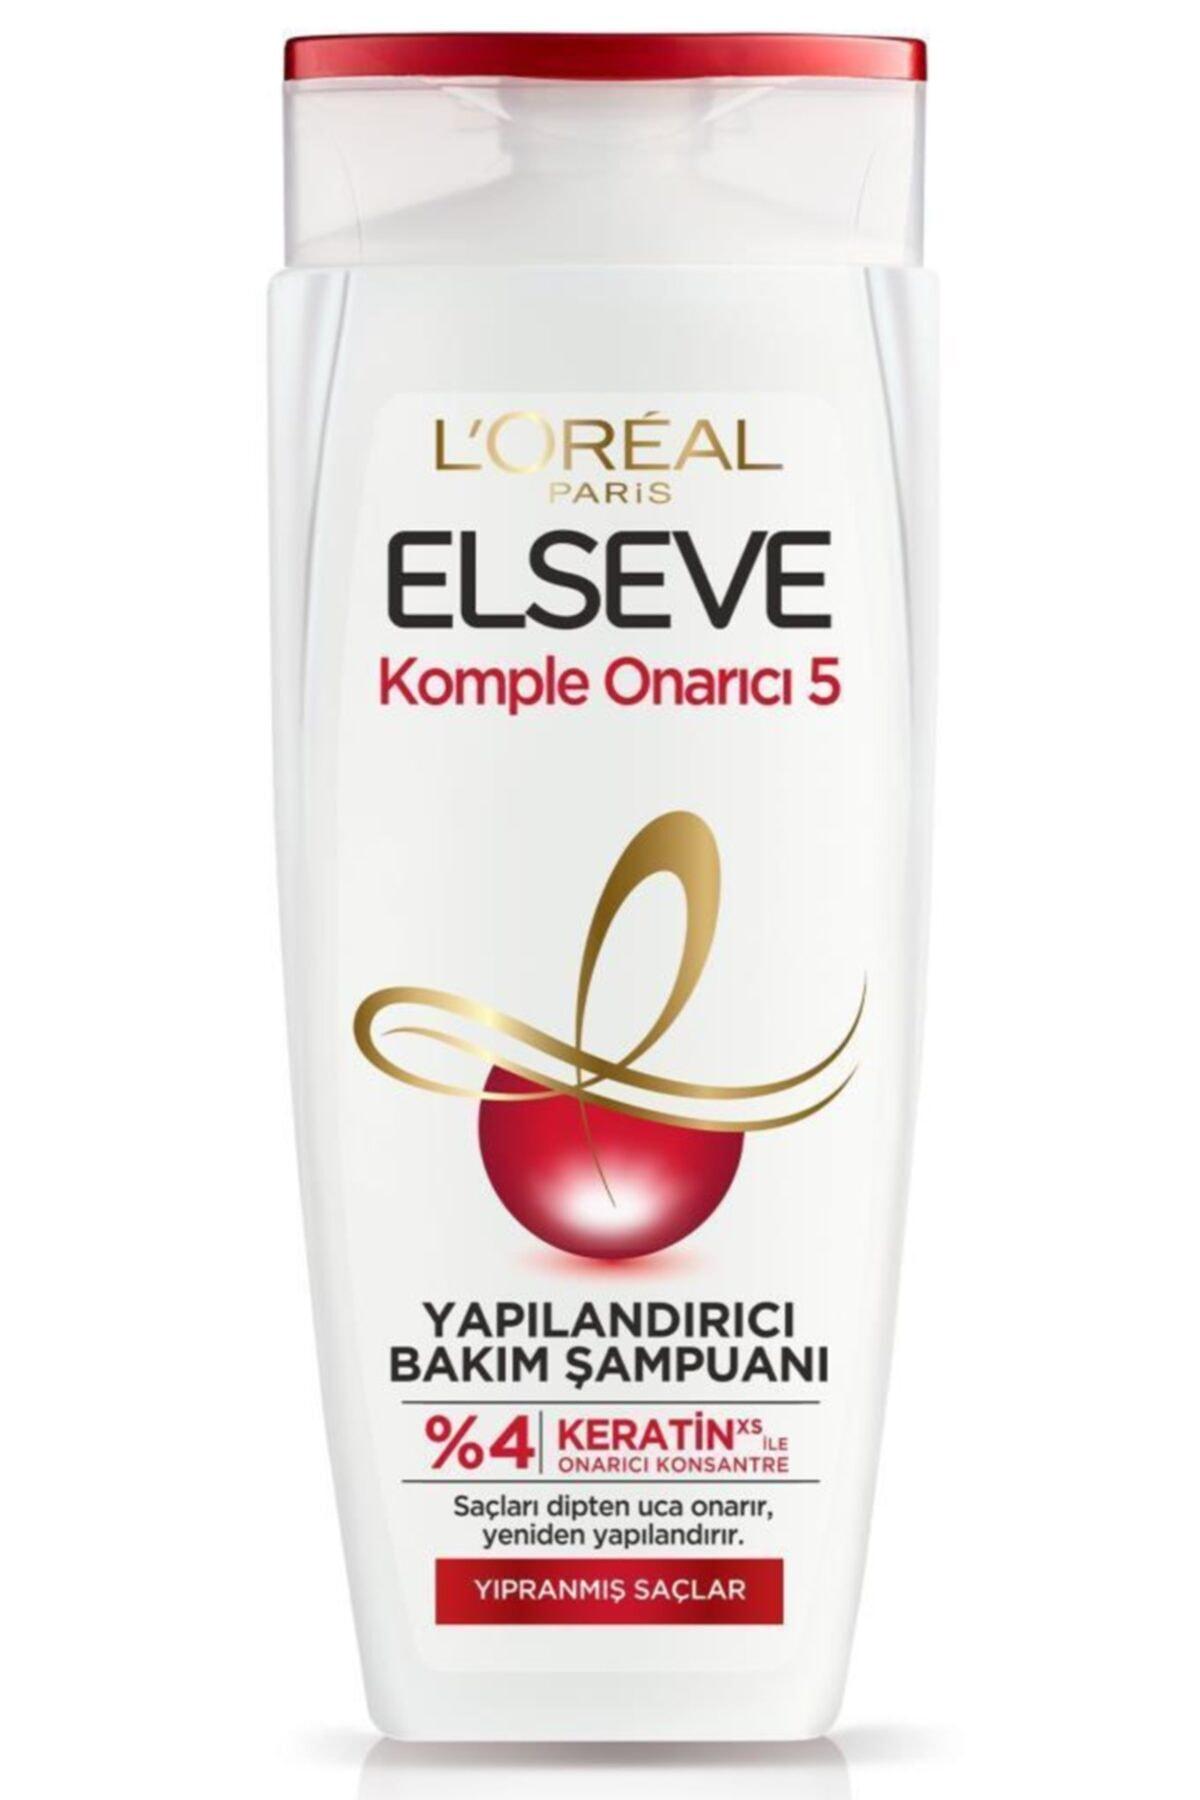 Elseve Komple Onarıcı 5 Yapılandırıcı Bakım Şampuan 450ml 3'lü Onarıcı Saç Bakım Seti